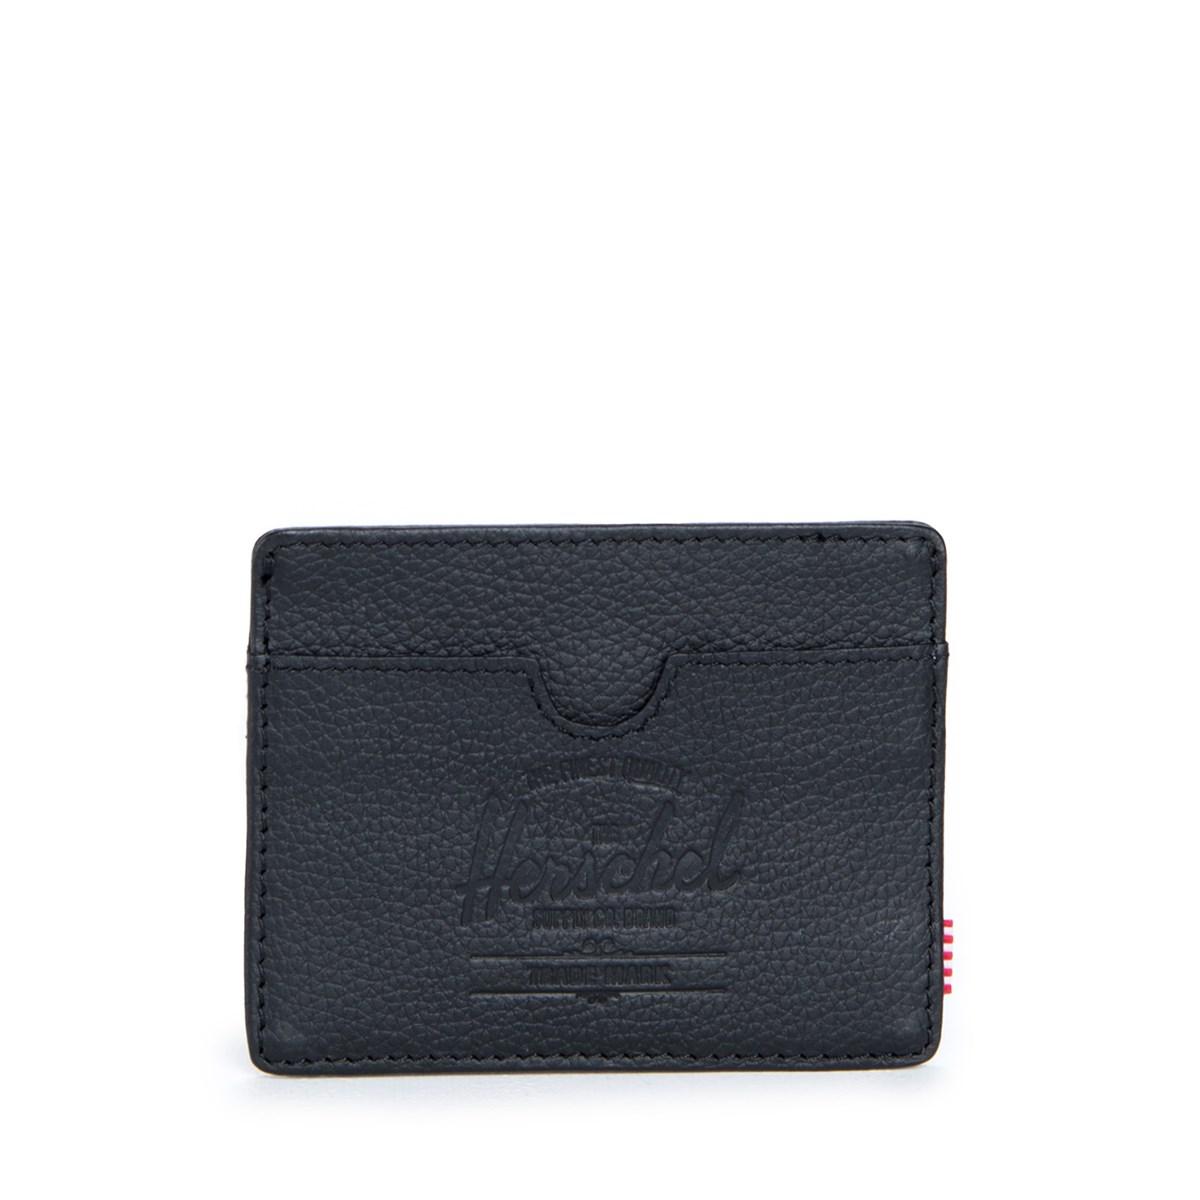 Charlie Black Leather Wallet